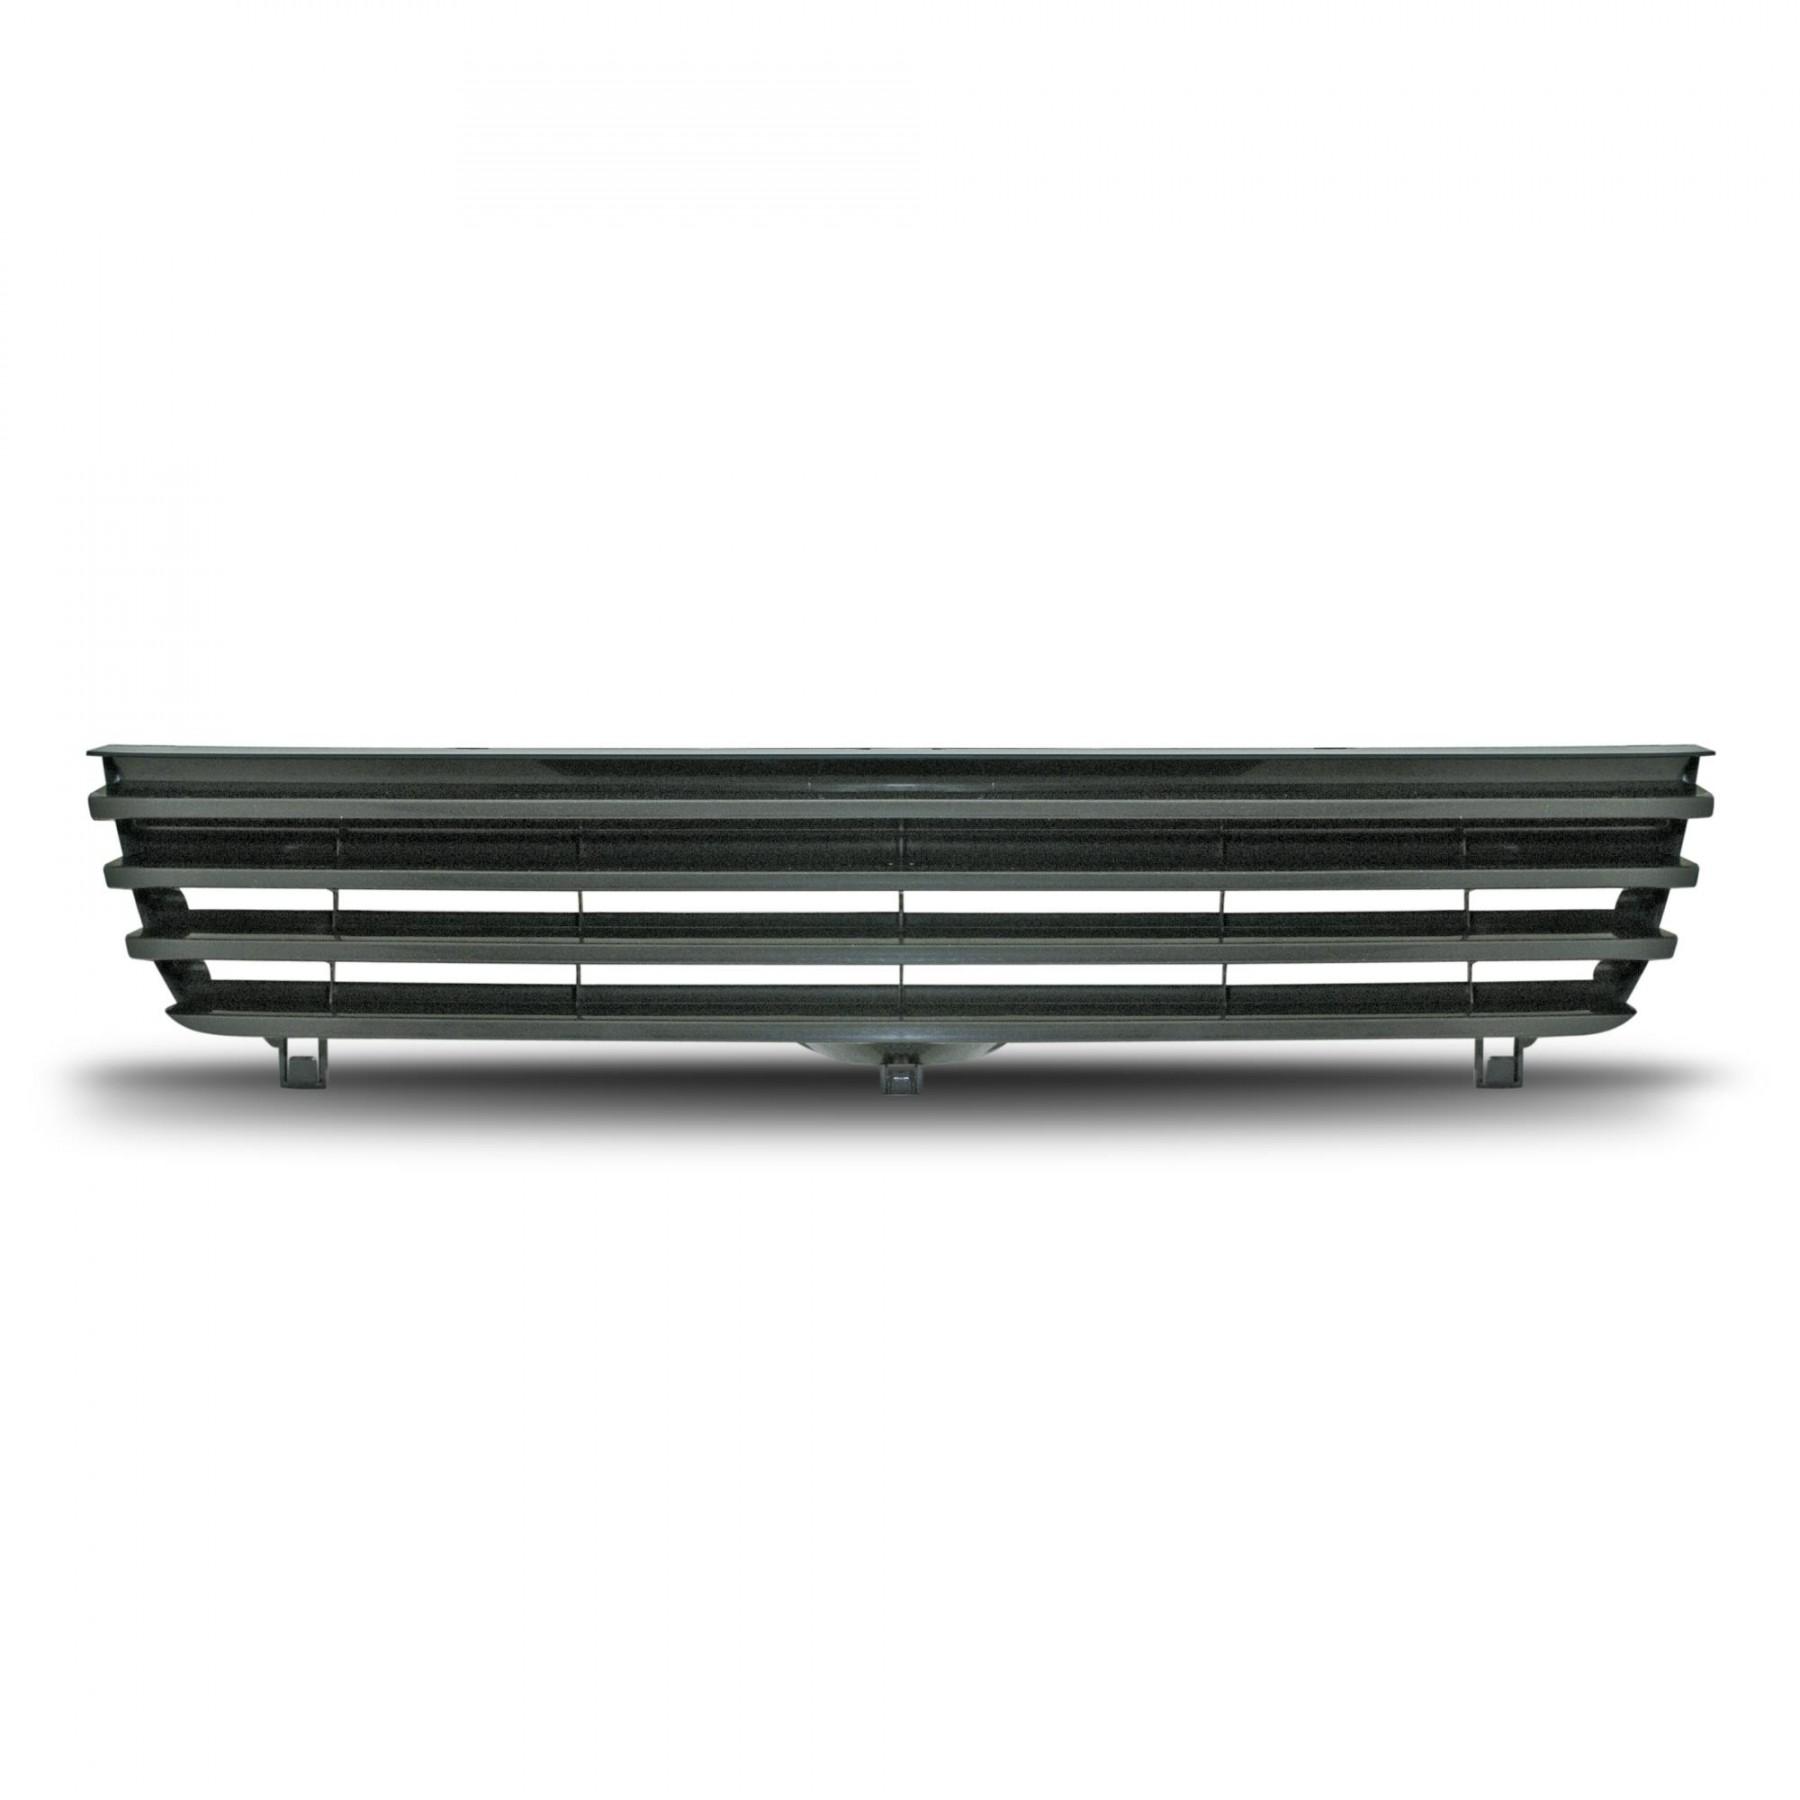 embleemloze grill vw polo 6n2 zwart jom 6n2853653oe. Black Bedroom Furniture Sets. Home Design Ideas